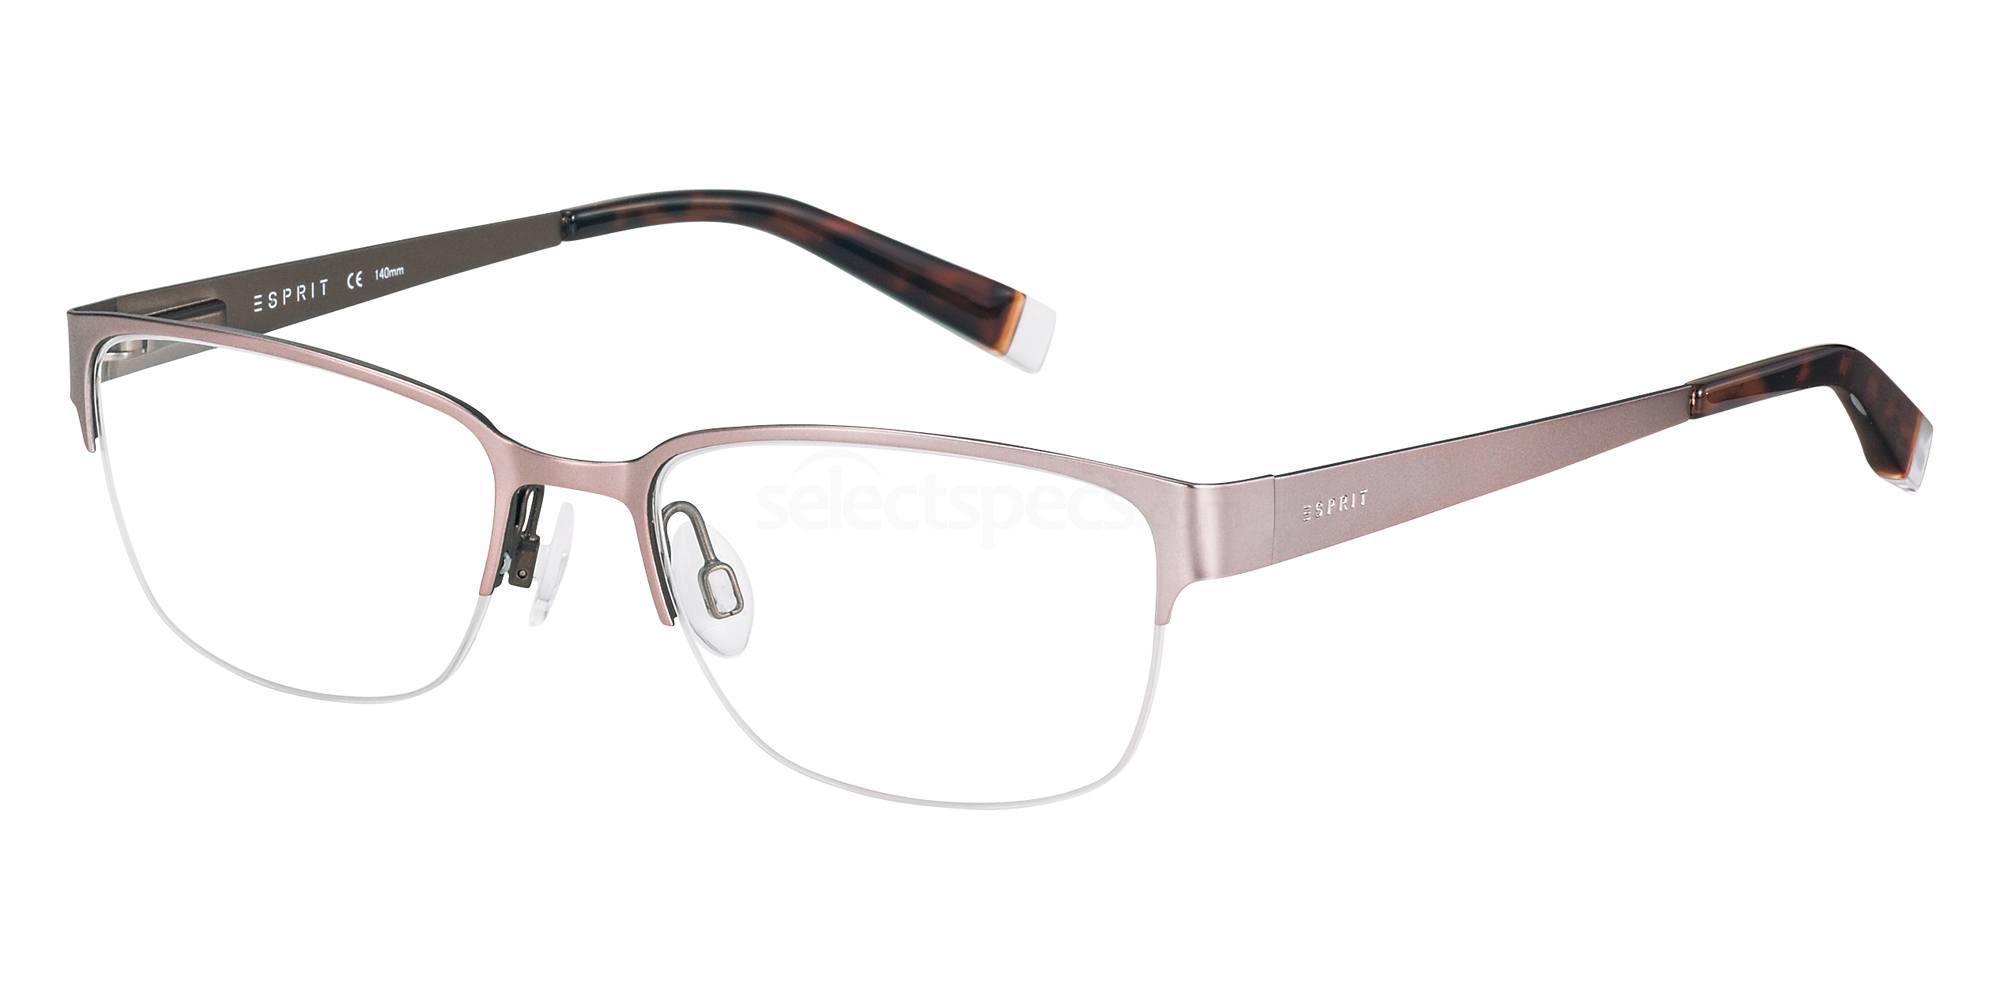 534 ET17472 Glasses, Esprit